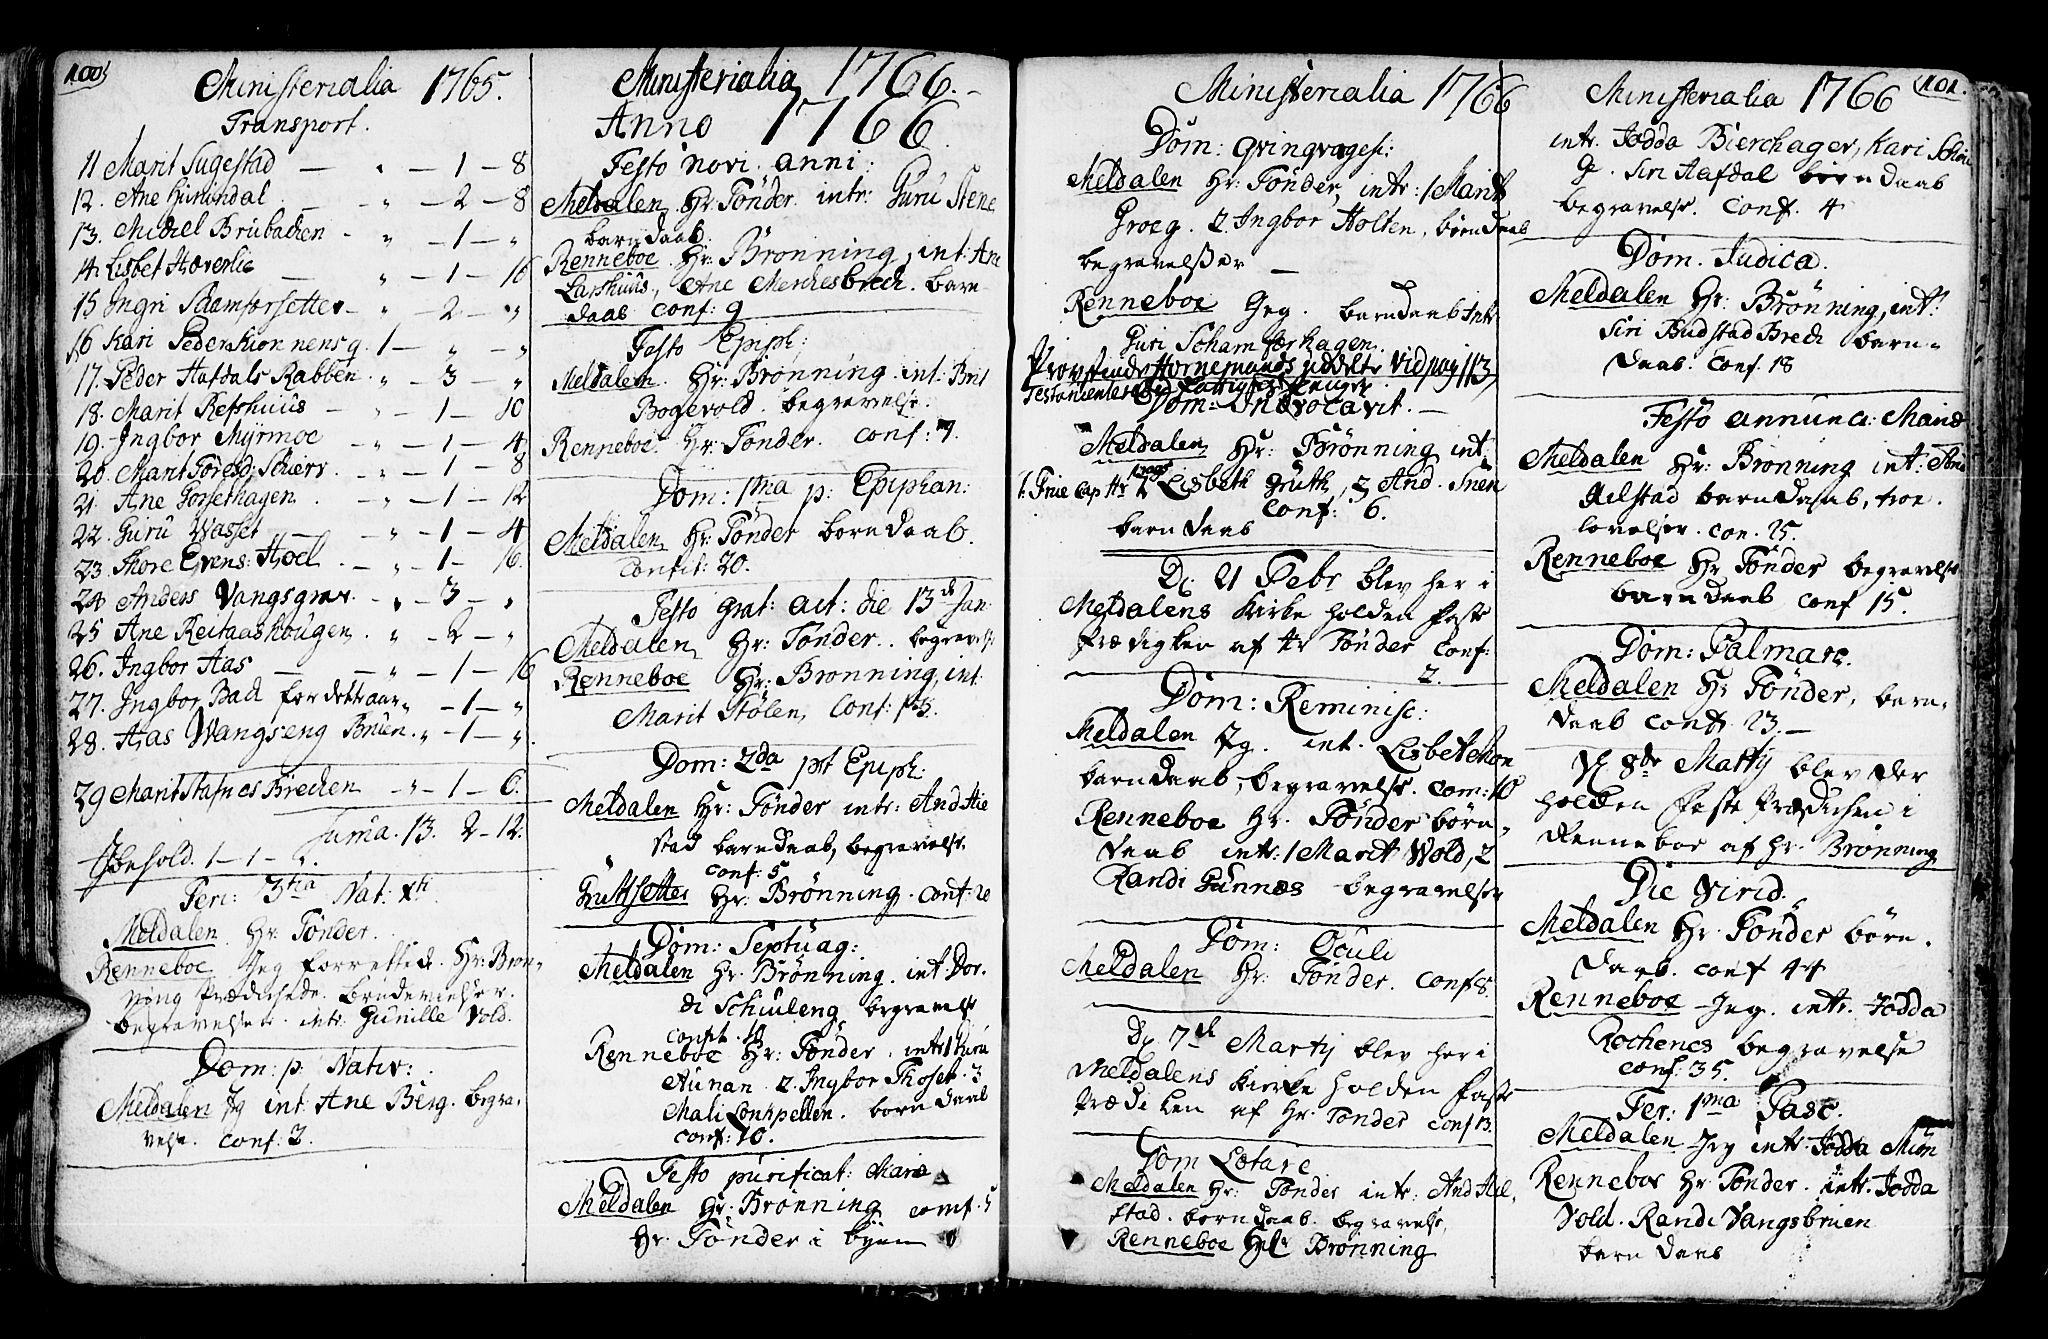 SAT, Ministerialprotokoller, klokkerbøker og fødselsregistre - Sør-Trøndelag, 672/L0851: Ministerialbok nr. 672A04, 1751-1775, s. 100-101